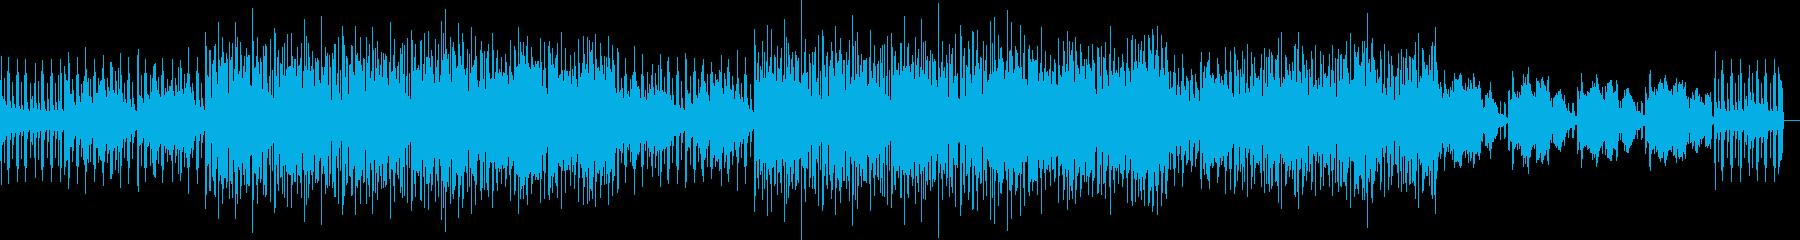 癒しとフックのあるエレクトロミュージックの再生済みの波形